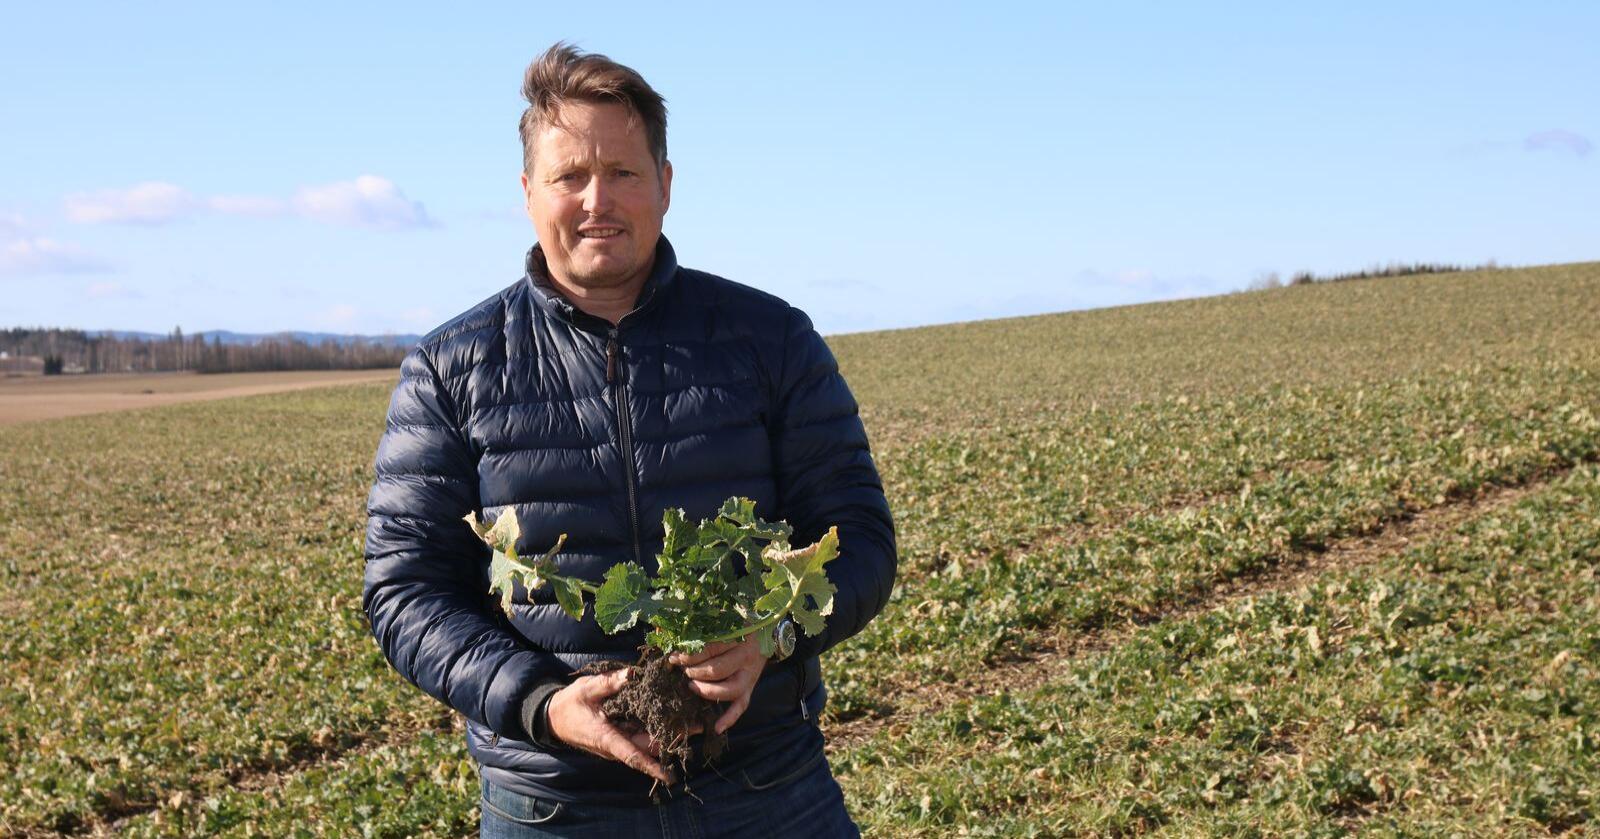 Høstraps: Håkon Huseby sår høstraps på om lag 600 dekar hvert år. Veksten har et rotsystem som er fint for jorda, og er dessuten en proteinvekst som bidrar til å redusere soyaimporten. Foto: Lars Olav Haug